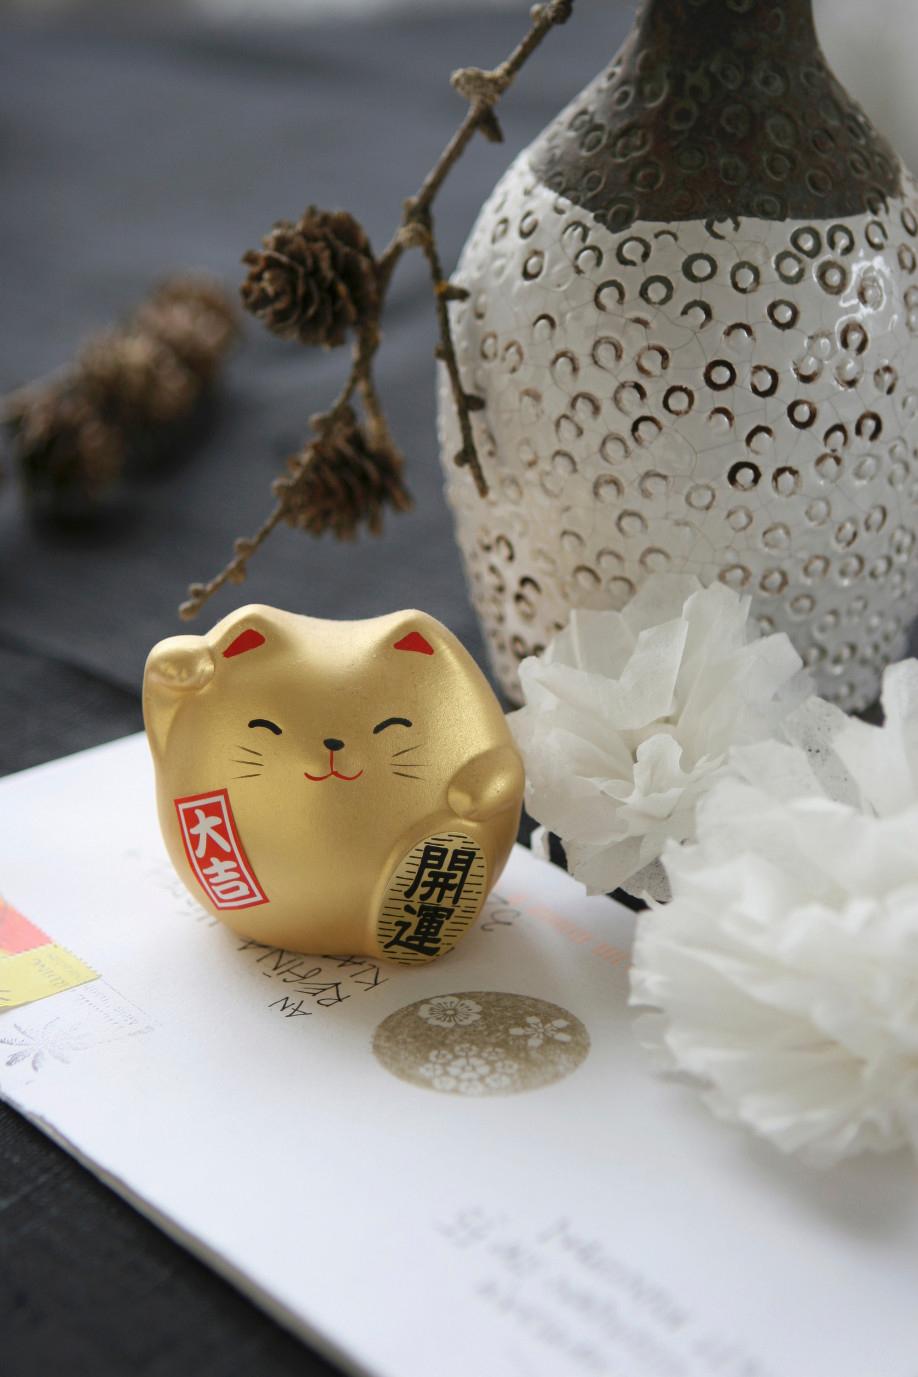 Portafortuna, Portafortuna giapponesi, Casa, Decorazioni, Idee, Oriente, Stile